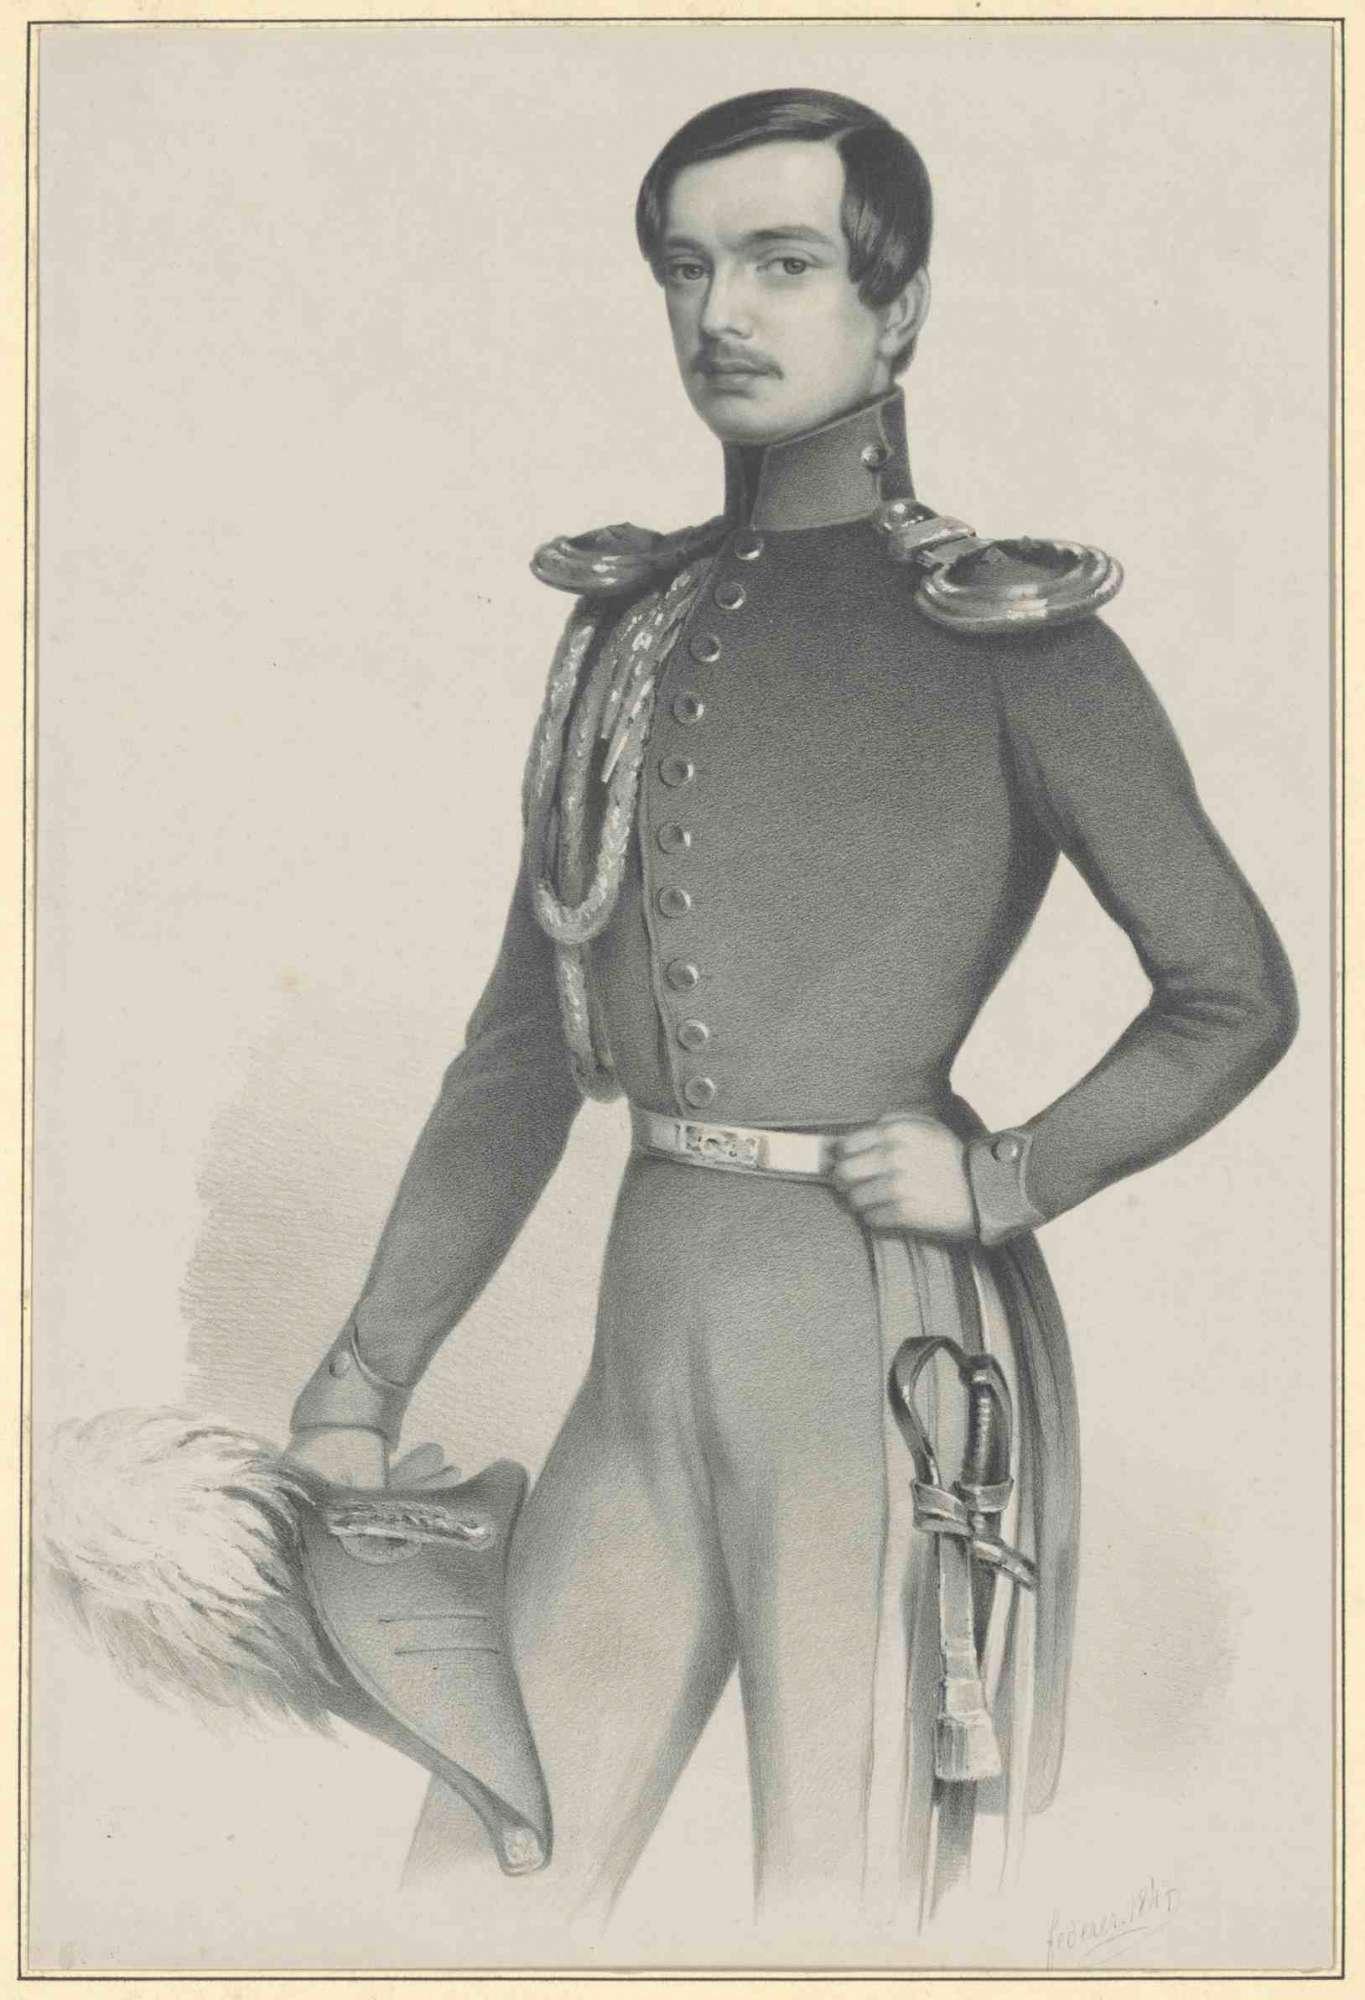 Kronprinz Karl von Württemberg in Uniform mit Mütze in Hand, stehend, Brustbild in Halbprofil, Bild 1